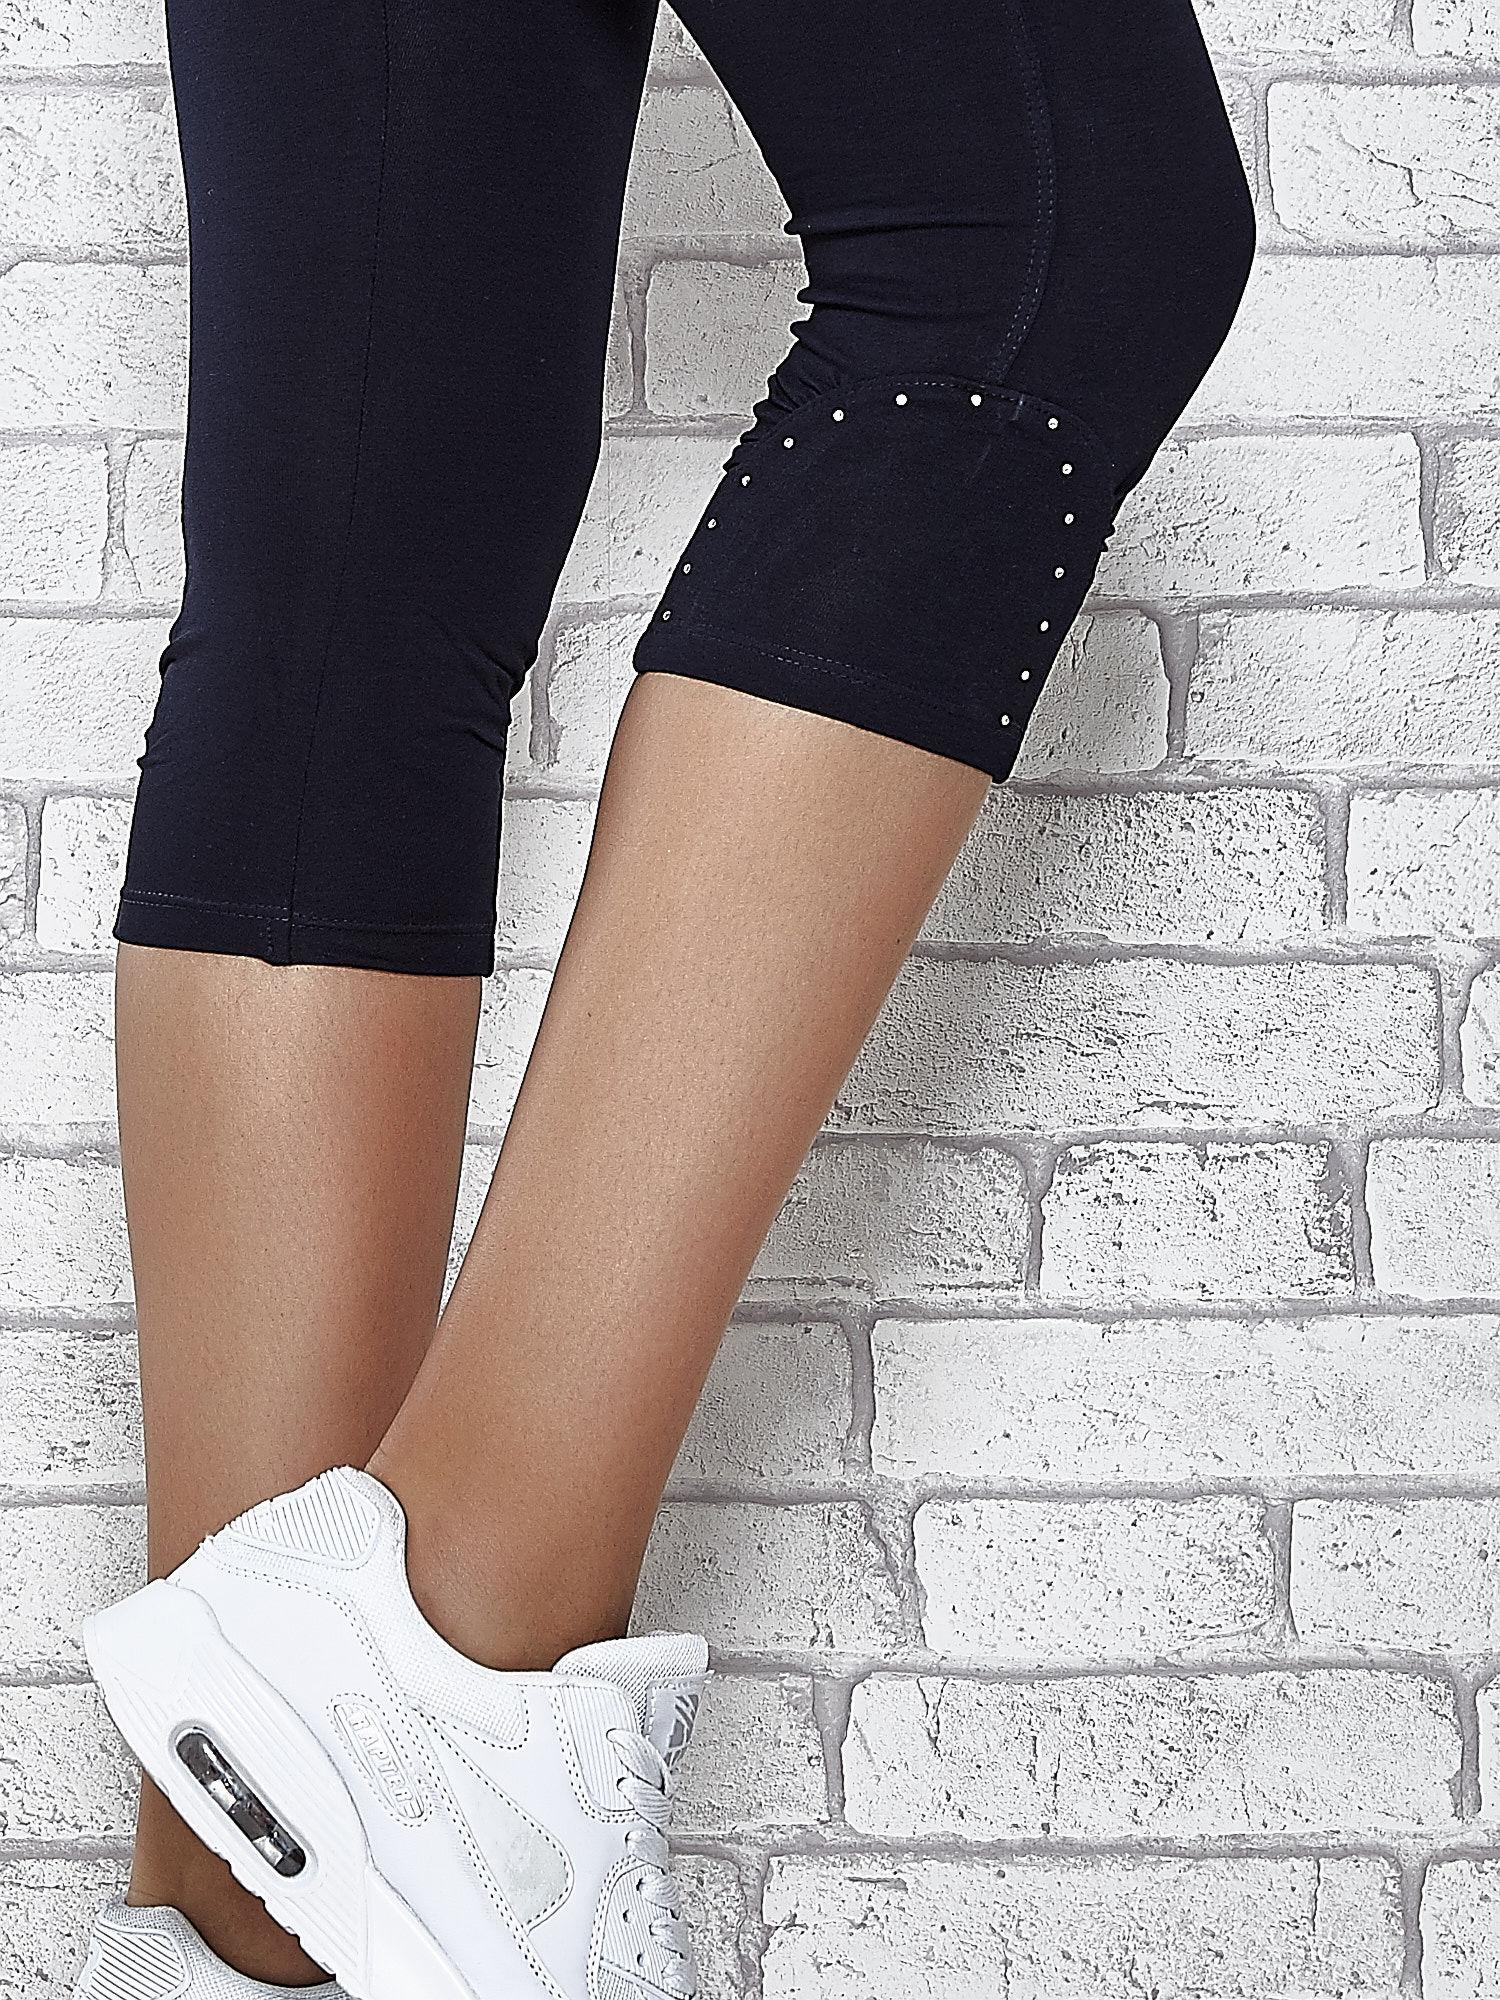 Ciemnogranatowe legginsy sportowe z dżetami i marszczoną nogawką za kolano                                  zdj.                                  6